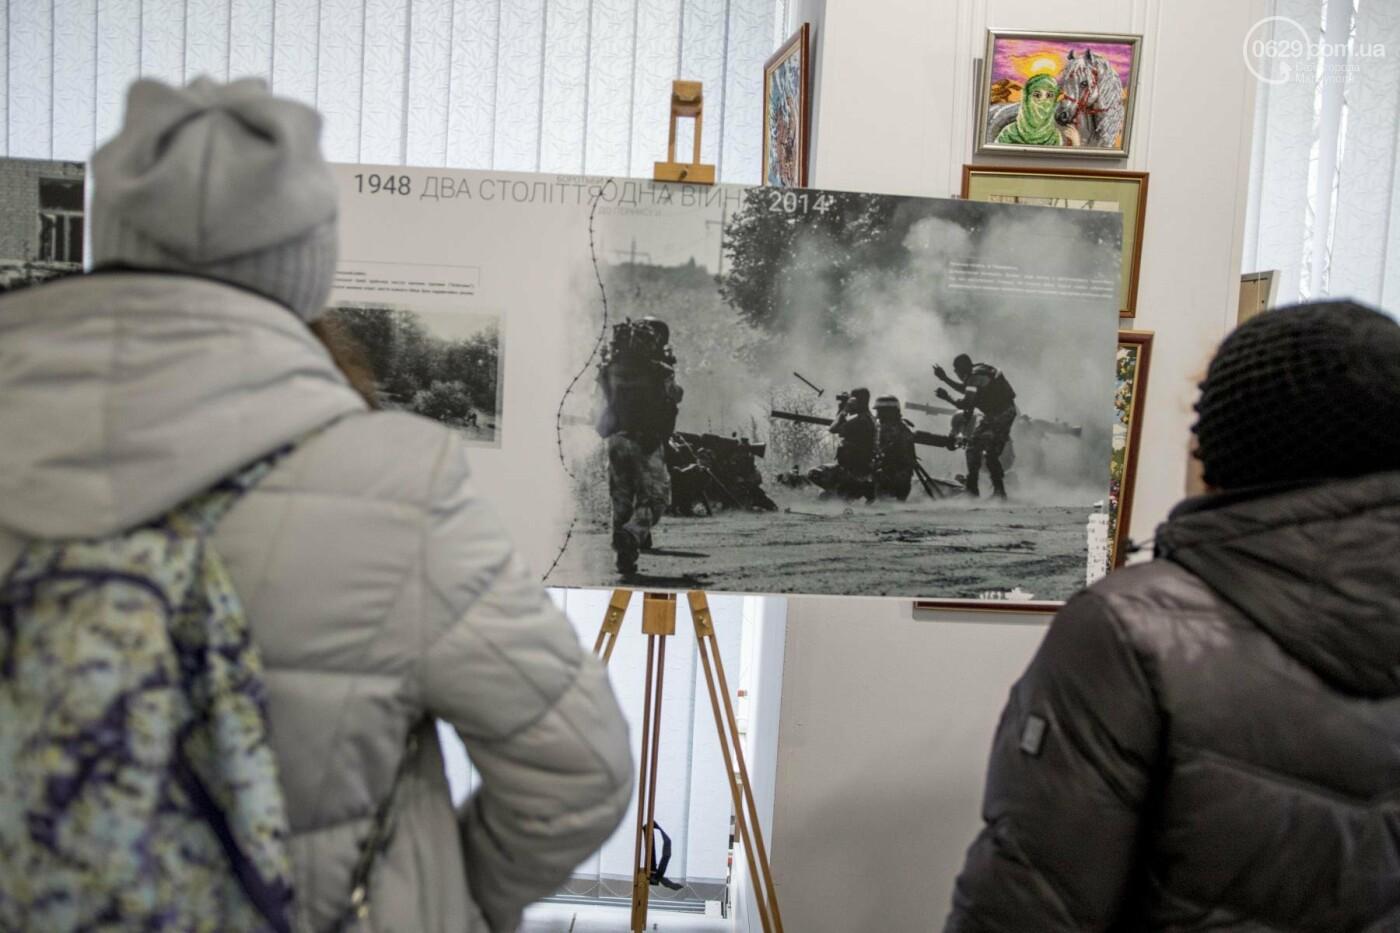 Фотовыставка «Два столетия, одна война»: в Мариуполе провели параллель между войной на Донбассе и борьбой УПА (ФОТО, ВИДЕО), фото-12